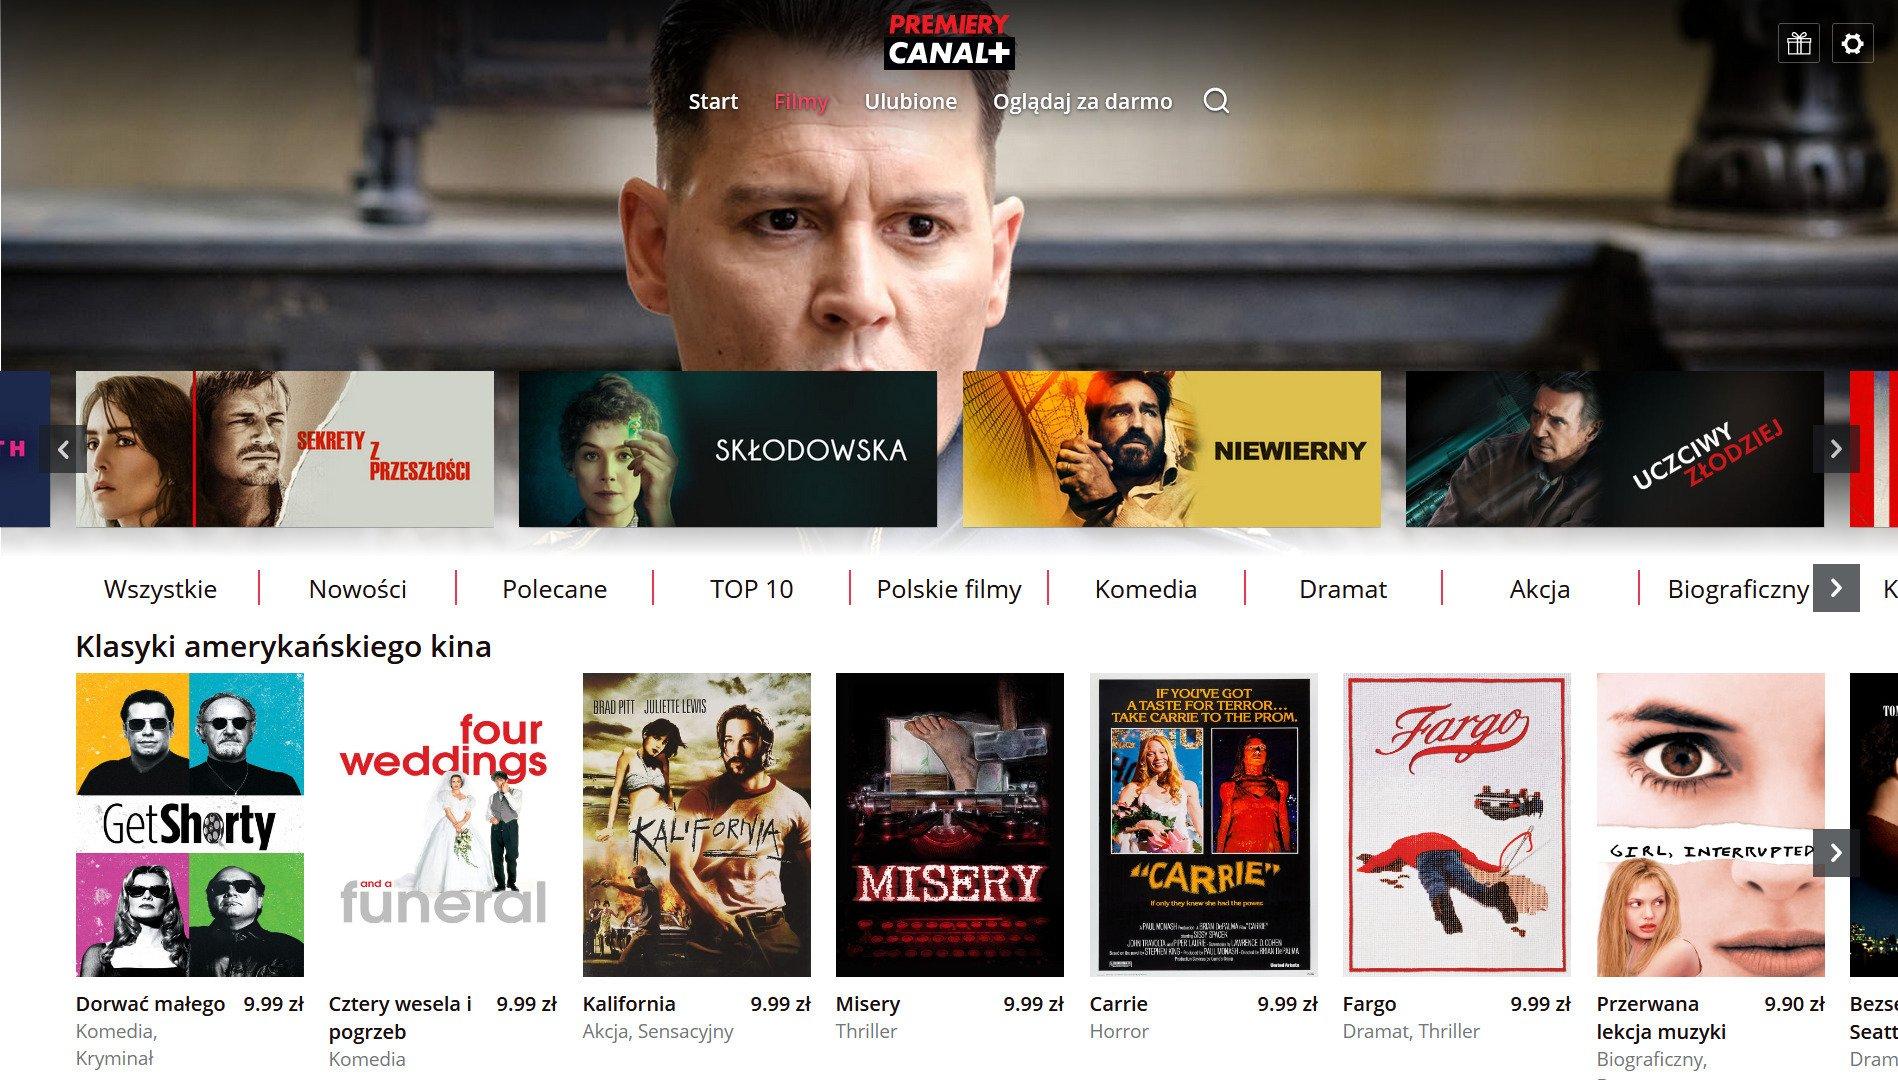 Filmy wytwórni Metro Goldwyn Mayer dostępne w ofercie na życzenie CANAL+ Polska